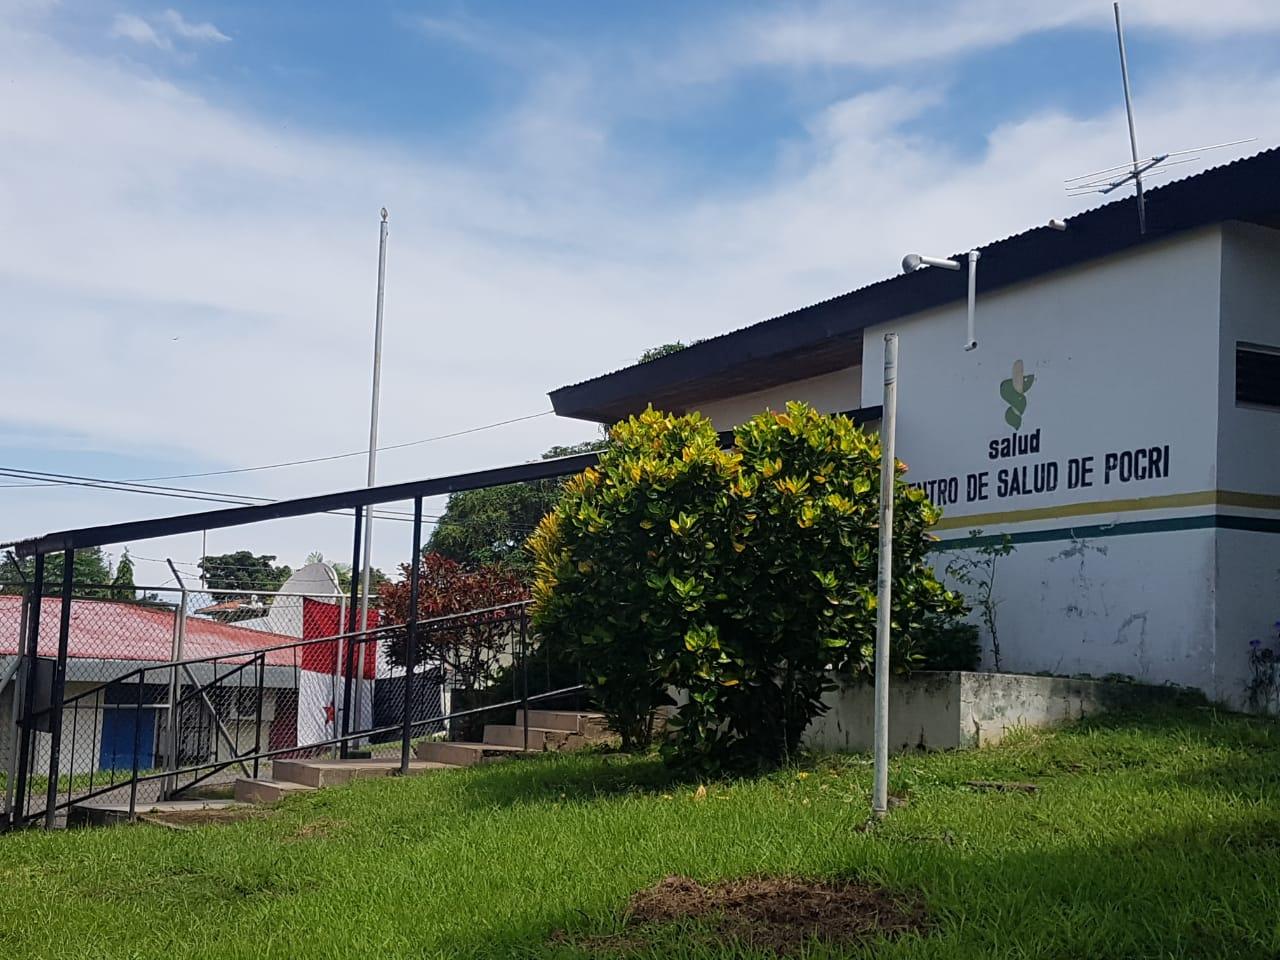 Centros de Salud están infestados por guano de murciélago en Los Santos - Crítica